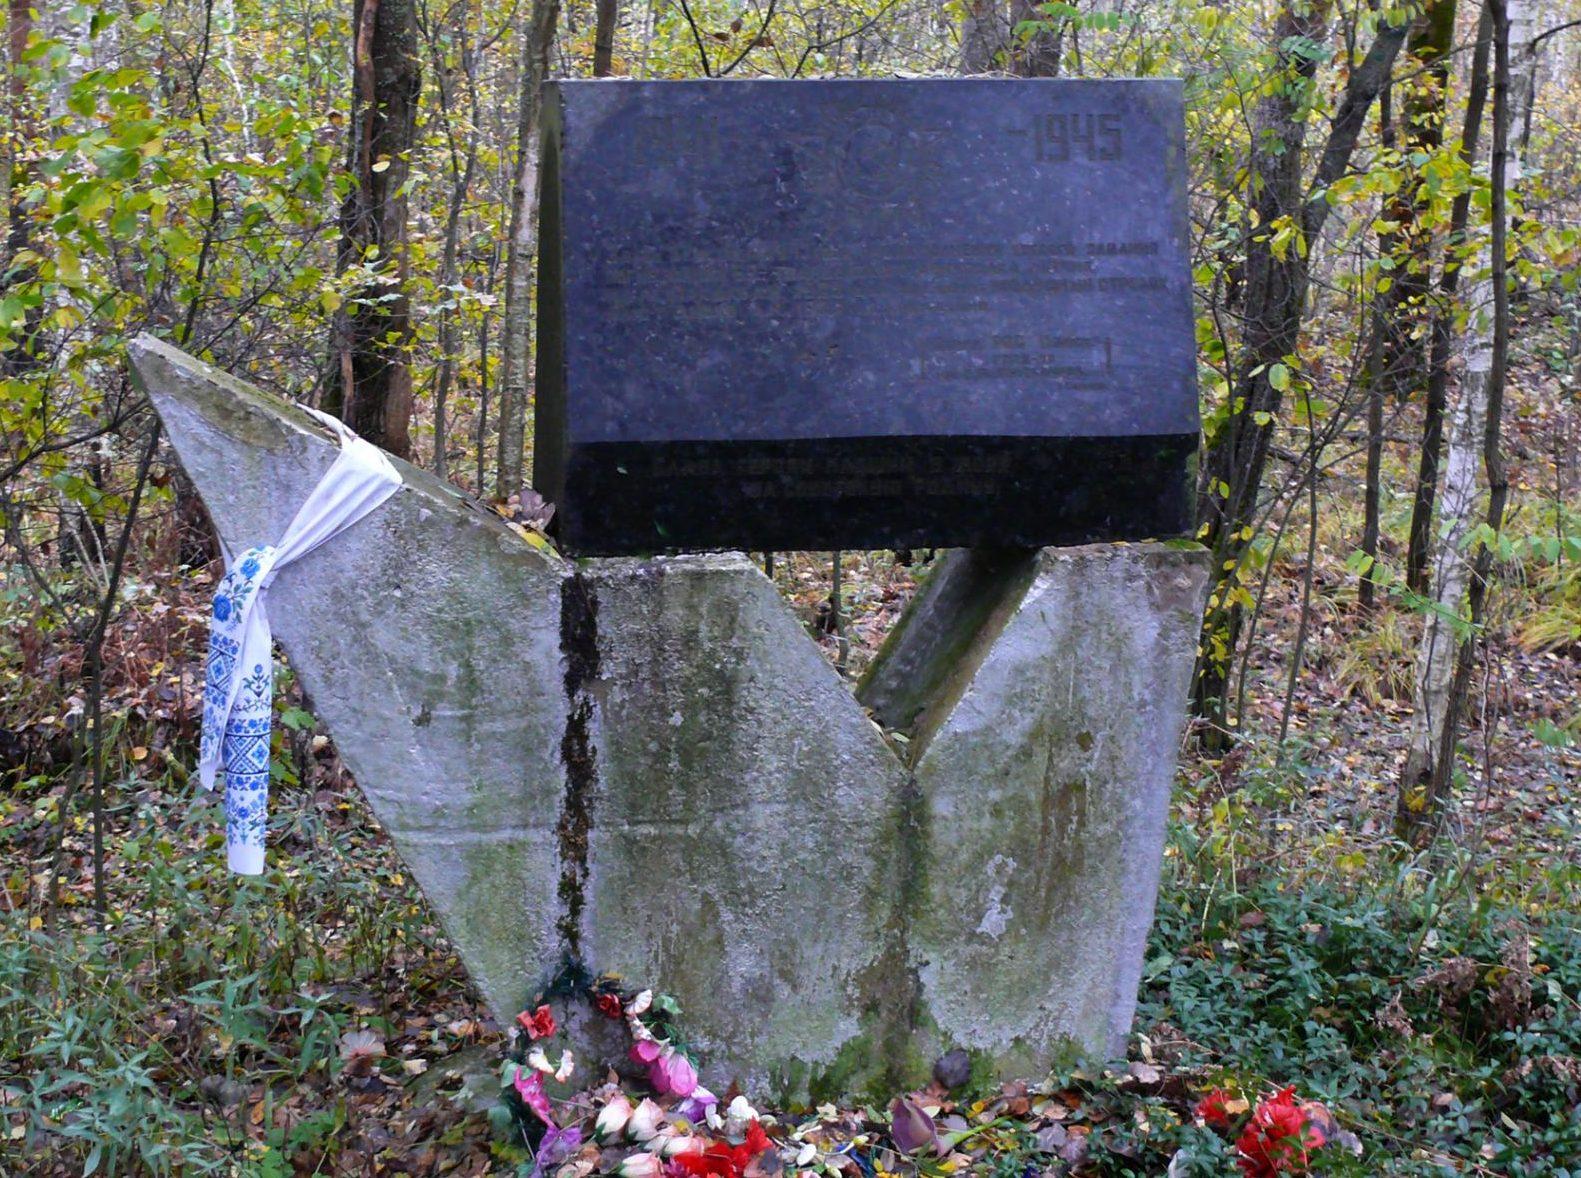 х. Коцюбинский, Чернобыльская зона отчуждения. Памятный знак на месте гибели экипажа 59-го Гвардейского авиаполка 3 октября 1943 года.